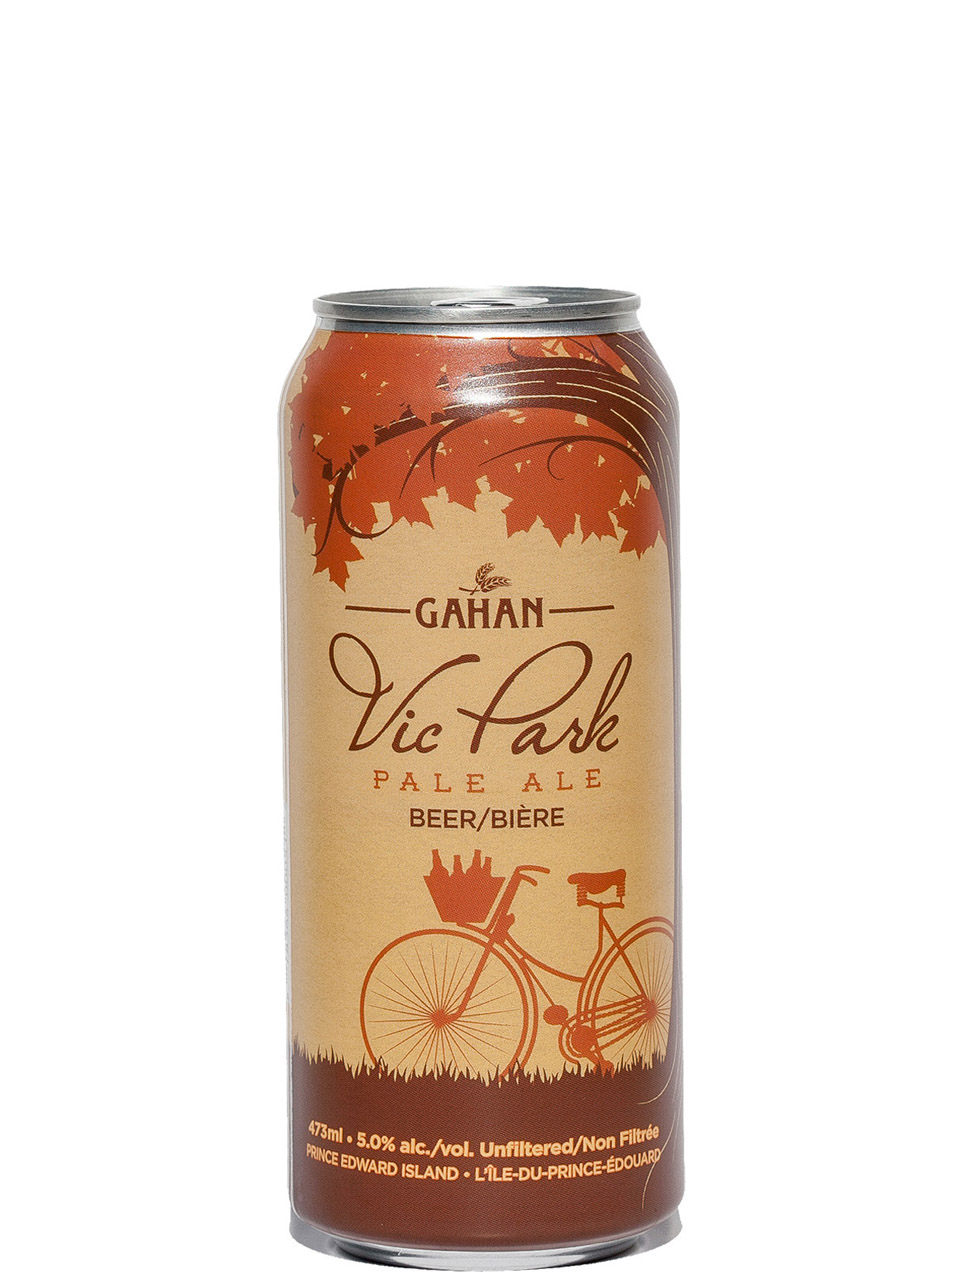 Gahan Vic Park Pale Ale 473ml Can